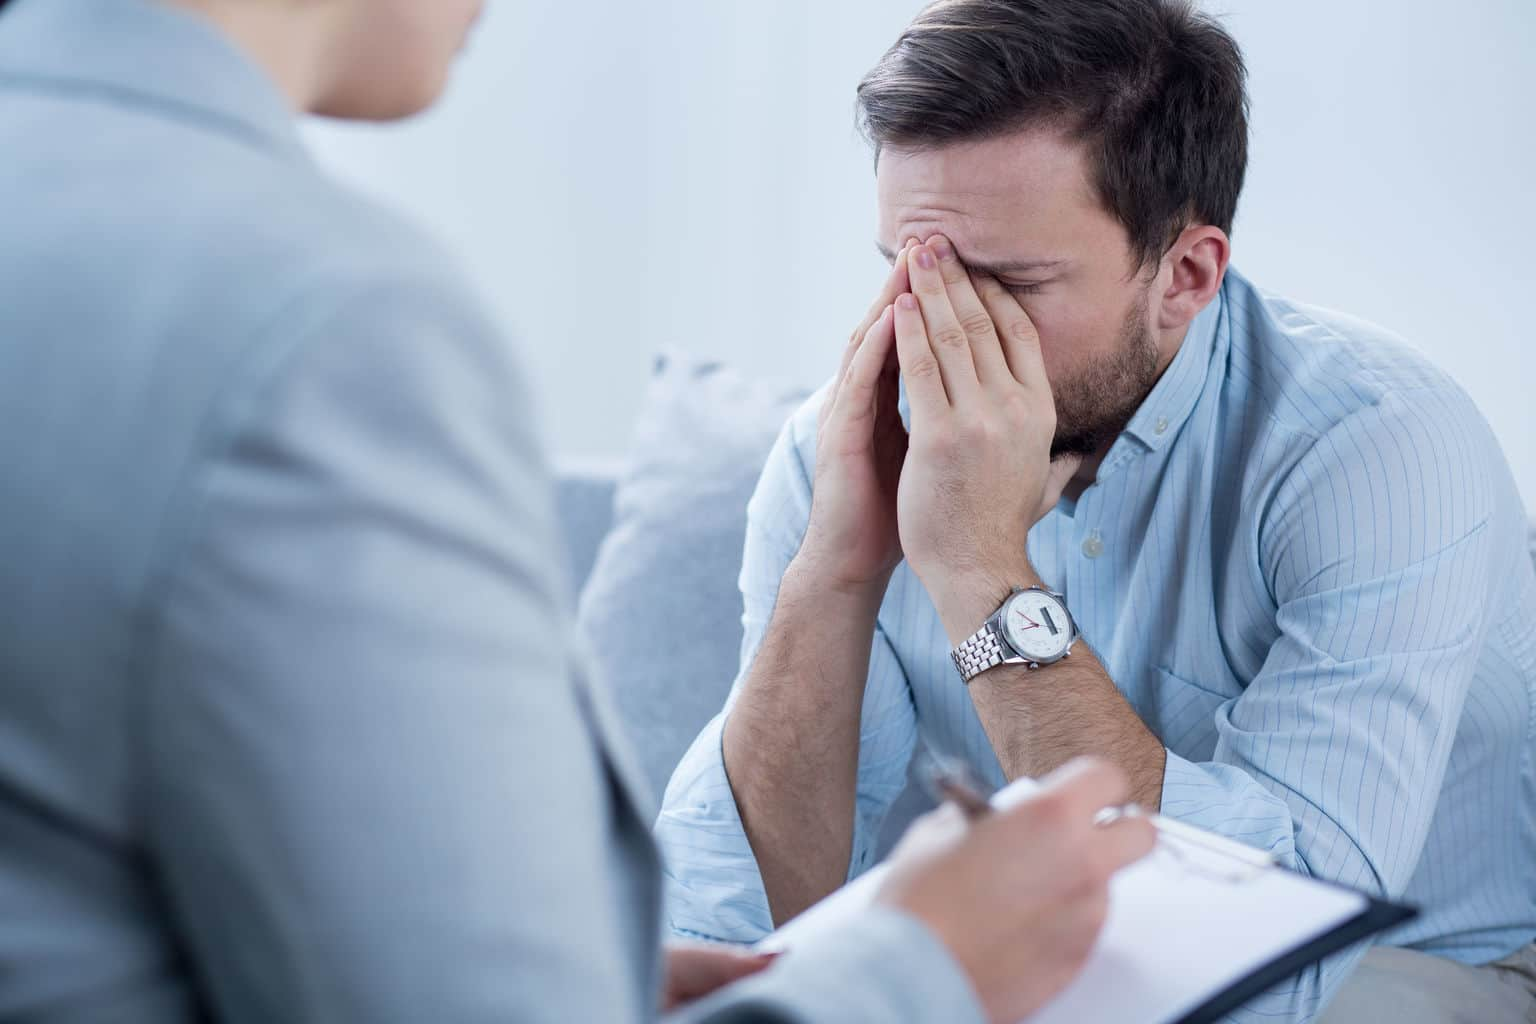 Социофобия - лечение, симптомы, цены на лечение социофобии в москве - психотерапевтический центр дар